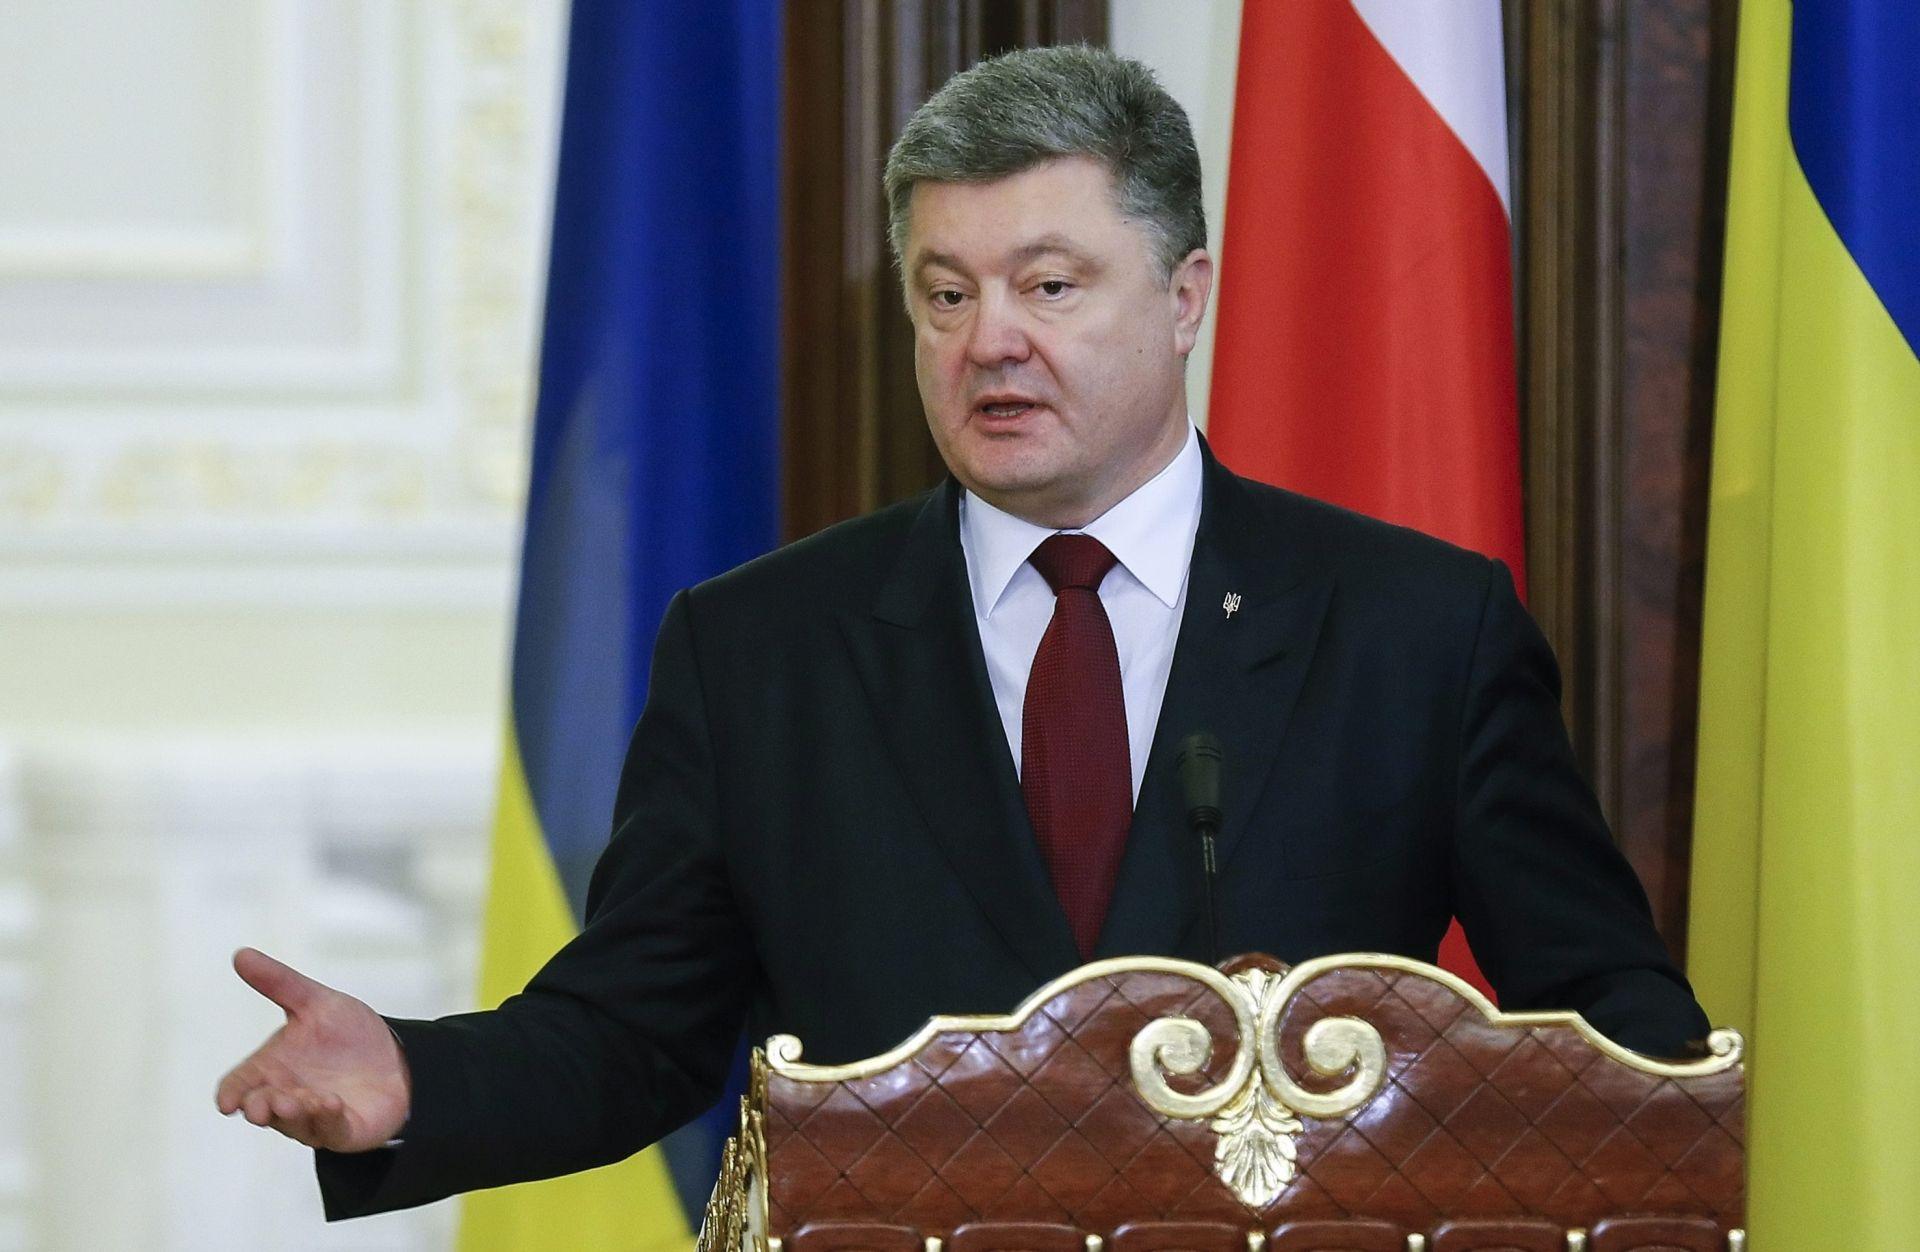 ODBILI VRATITI POZAJMICU OD 3 MILIJARDE DOLARA Rusija pokreće pravni postupak protiv Ukrajine